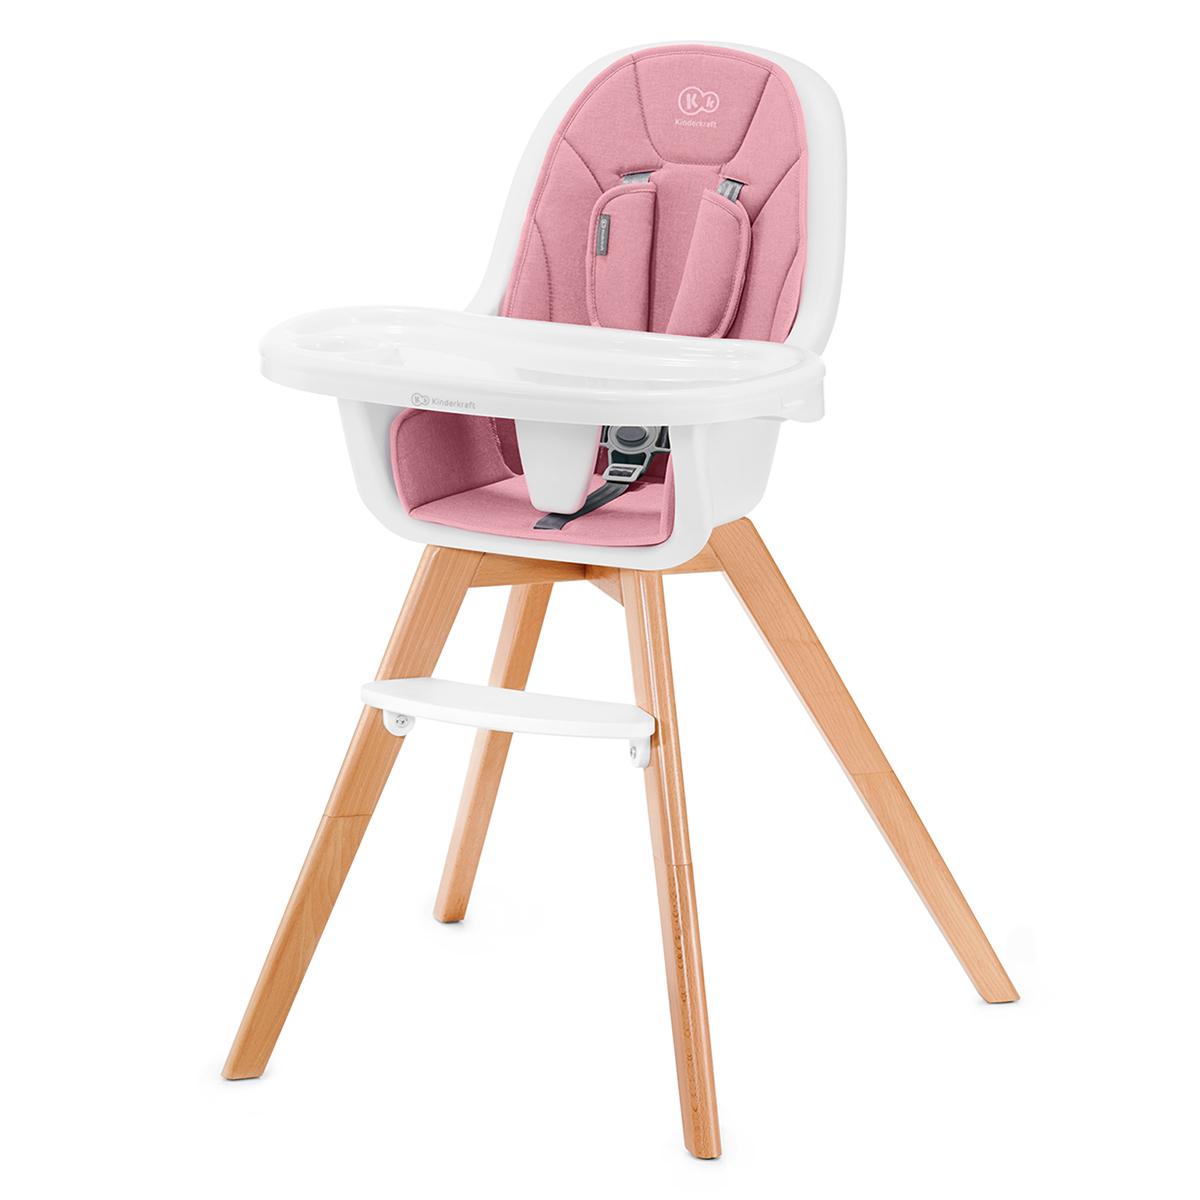 Chaise haute Chaise Haute TIXI - Pink Chaise Haute TIXI - Pink